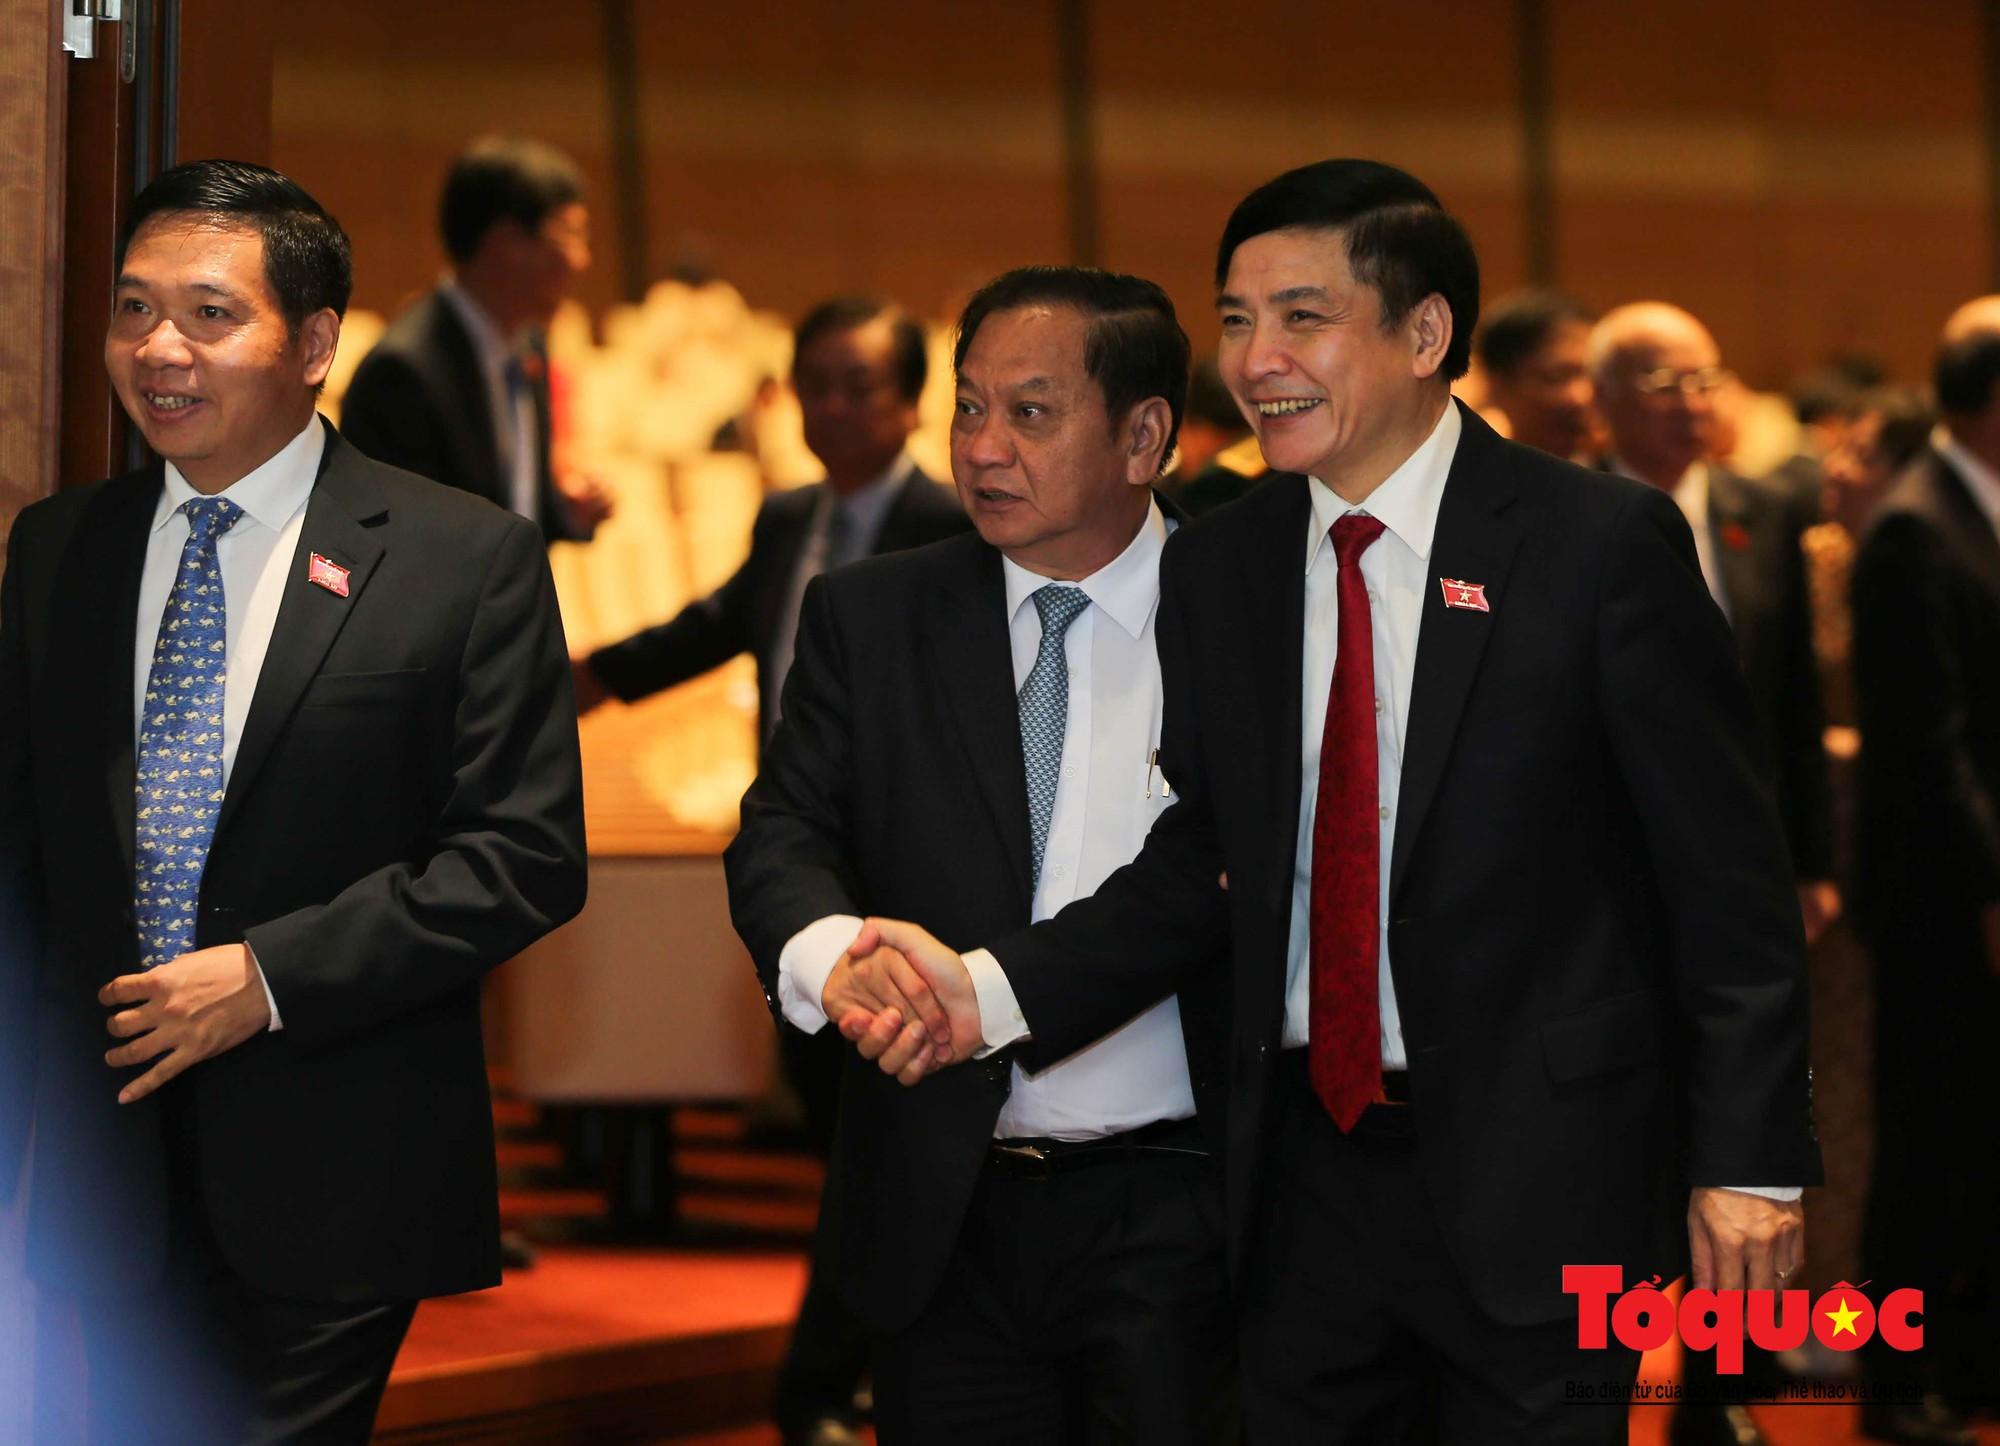 ĐBQH bên hành lang ngày khai mạc kỳ họp thứ 8, Quốc hội khóa XIV (7)